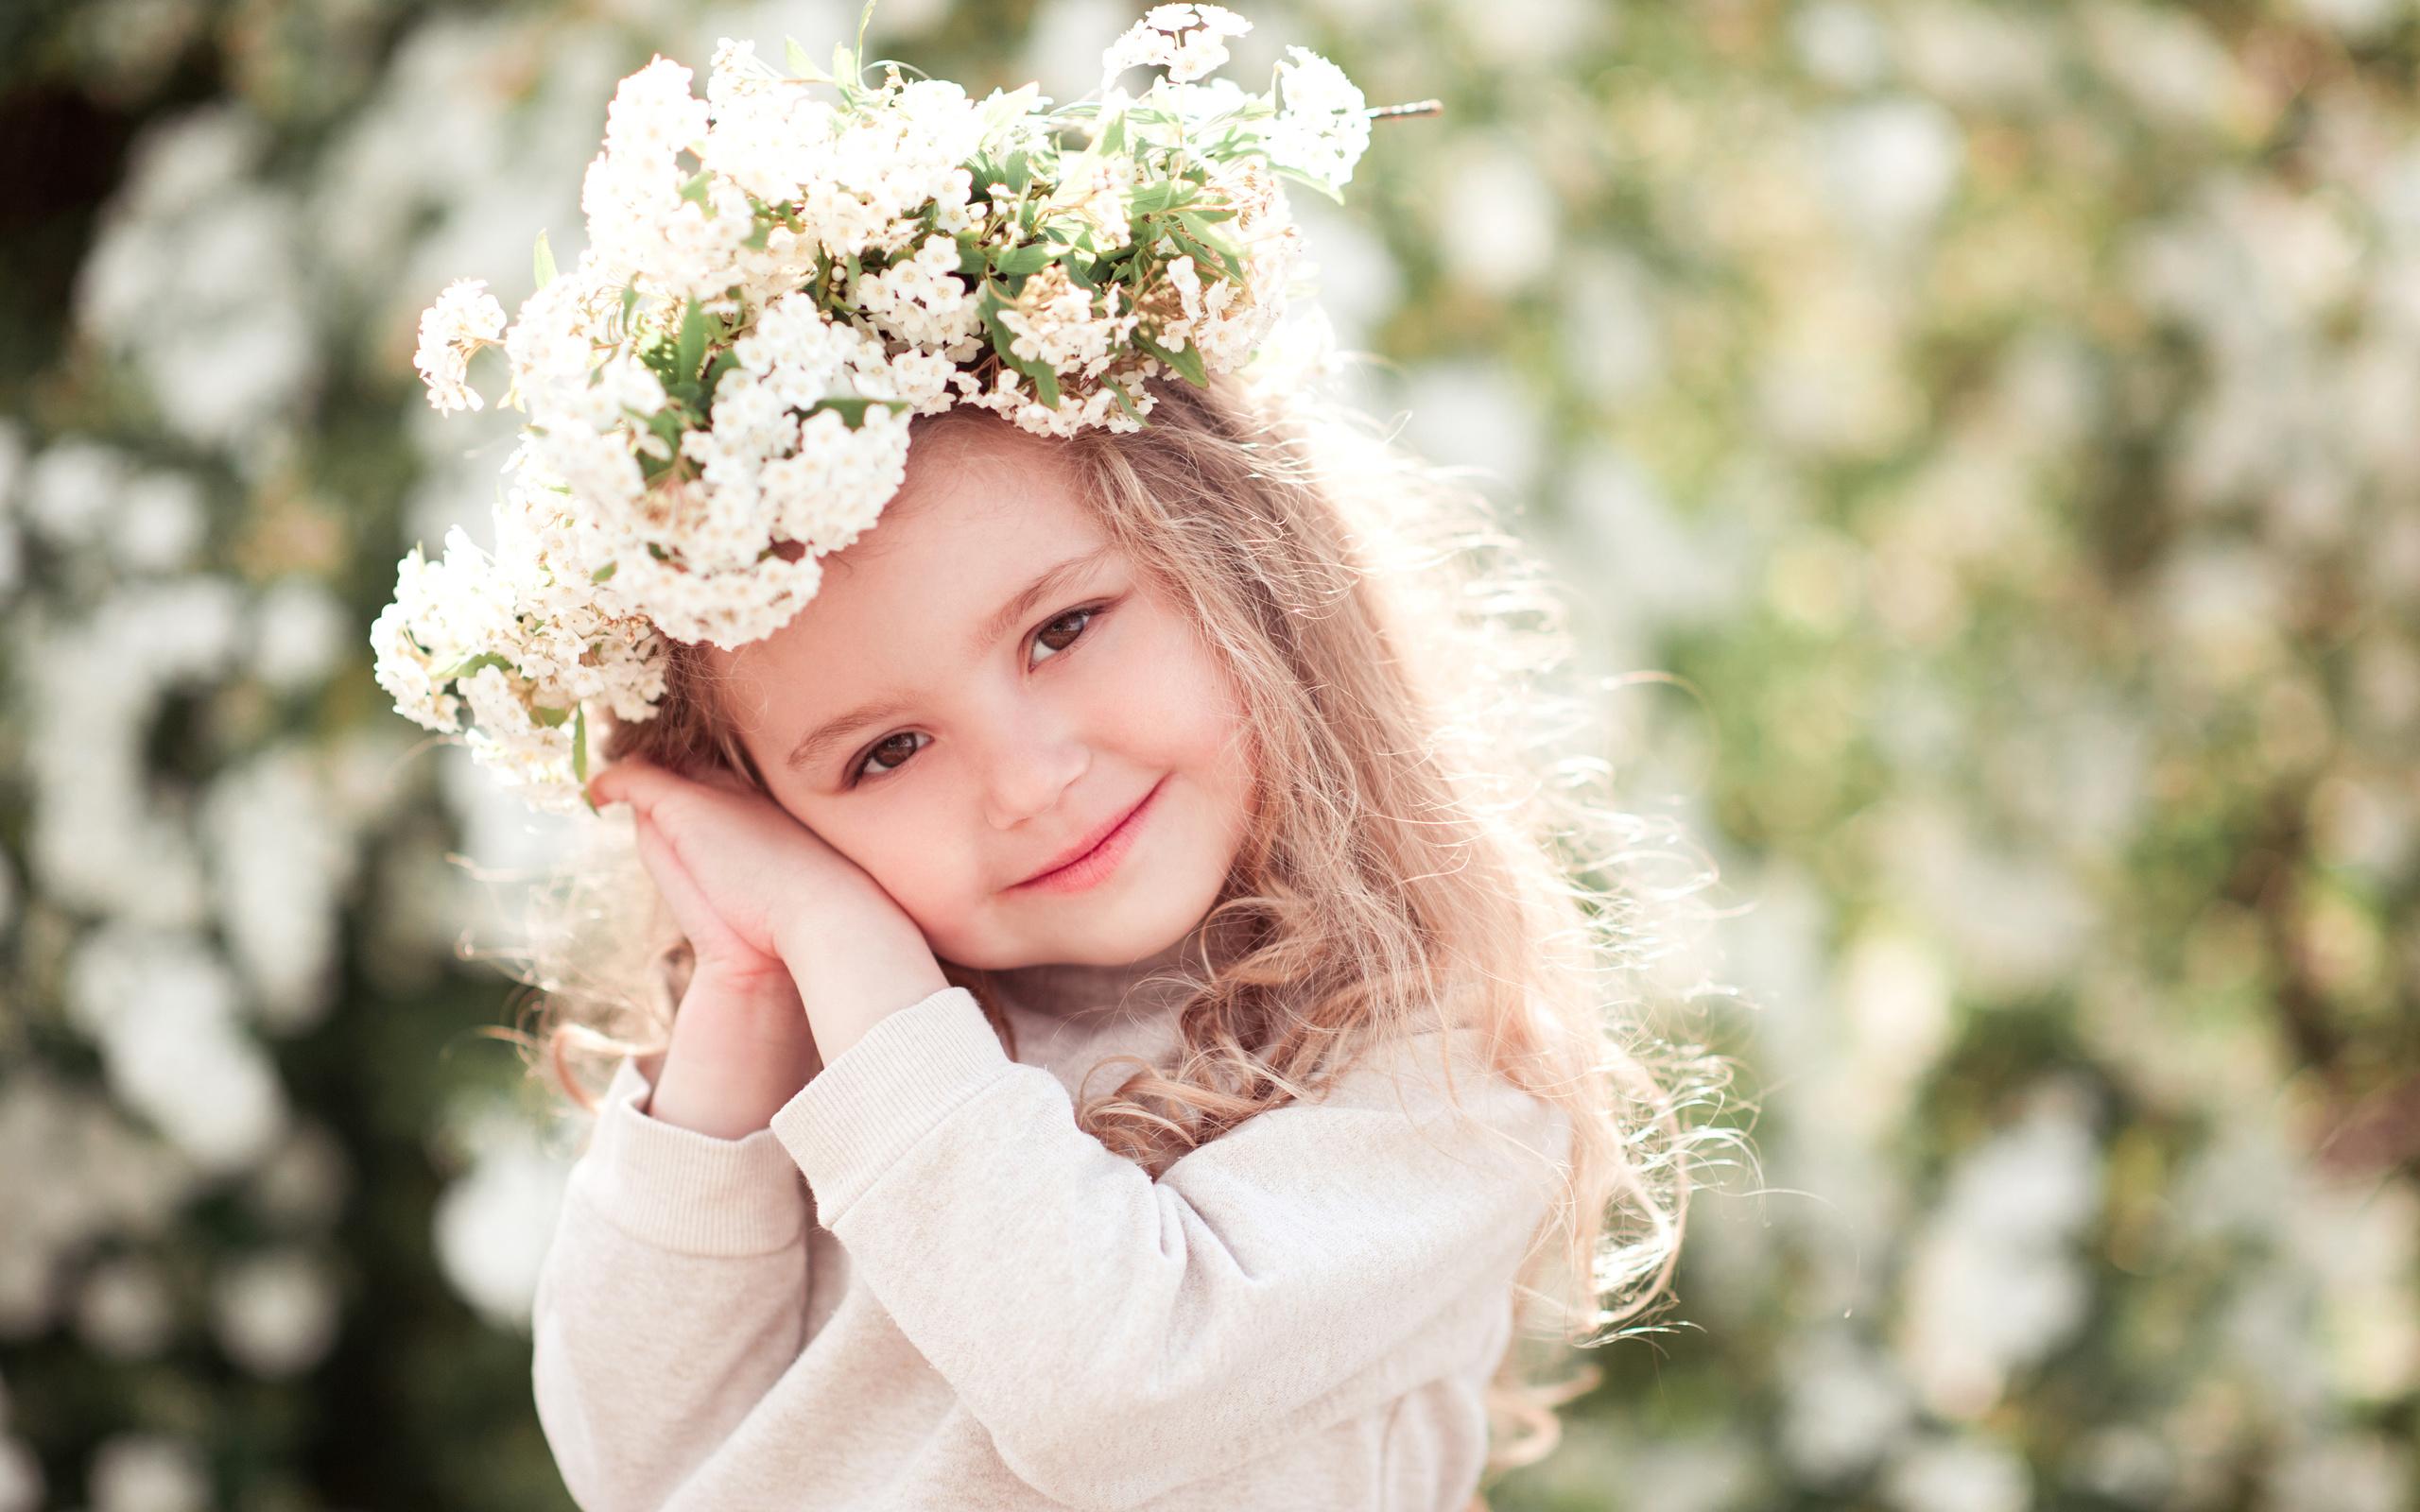 ребёнок, девочка, малышка, лето, венок, цветы